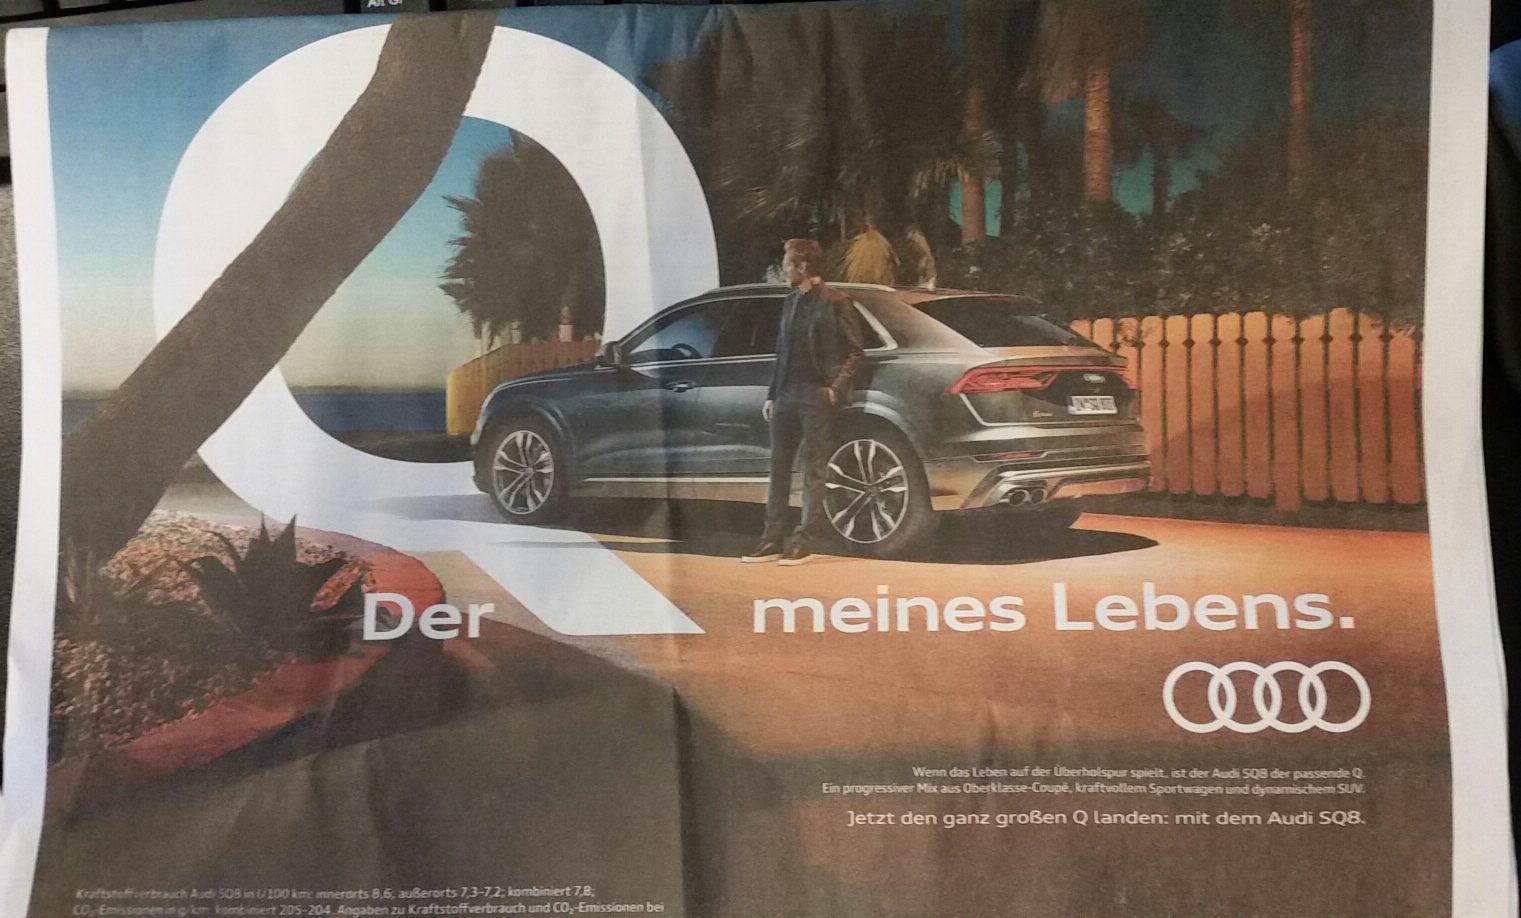 Anzeige in der Zeitung: Audi SQ8